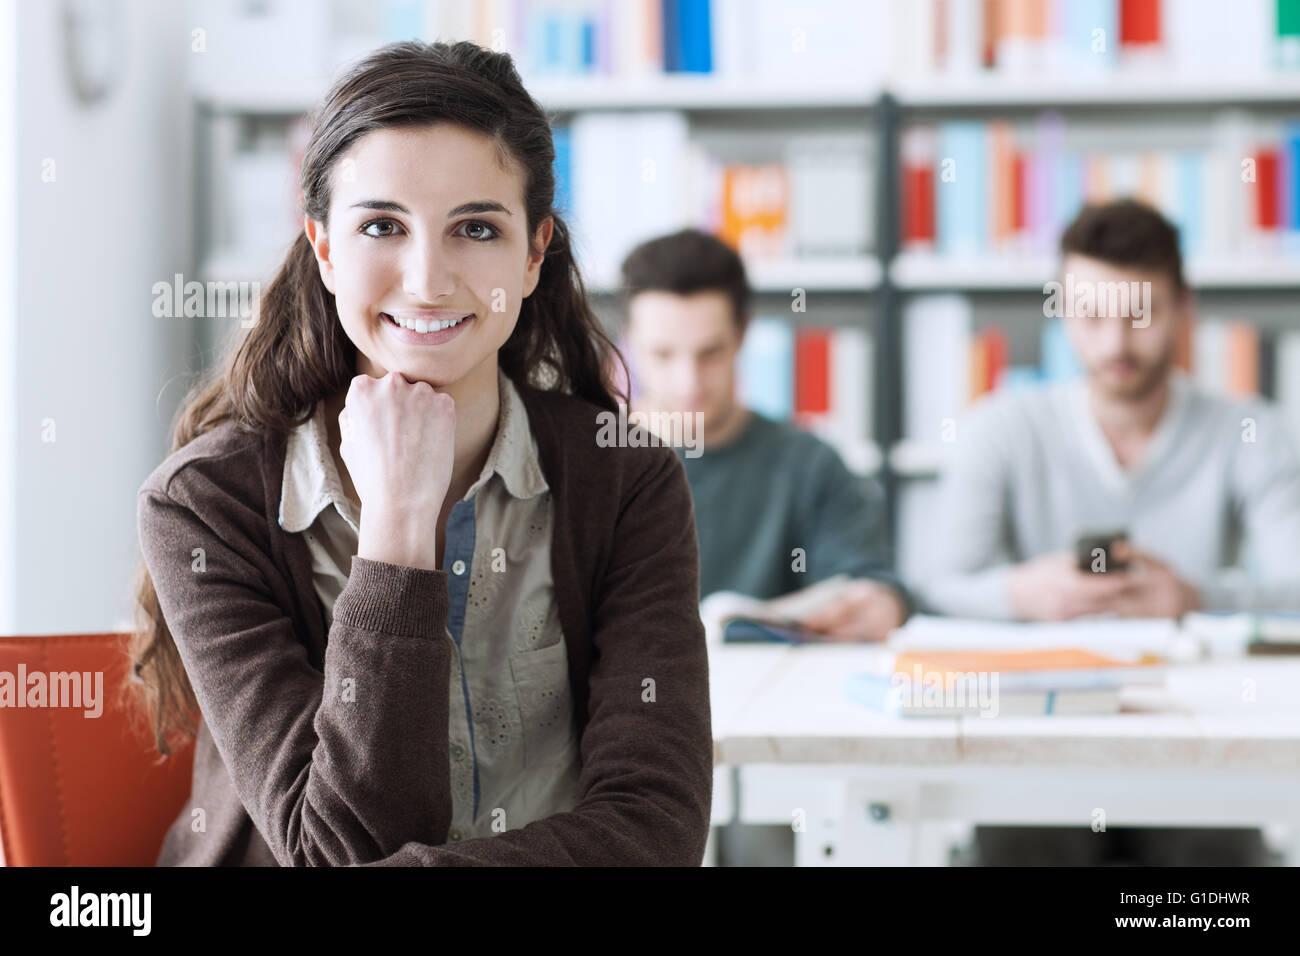 Sonriente joven estudiante en la biblioteca mirando a la cámara, sus compañeros están sentados en Imagen De Stock